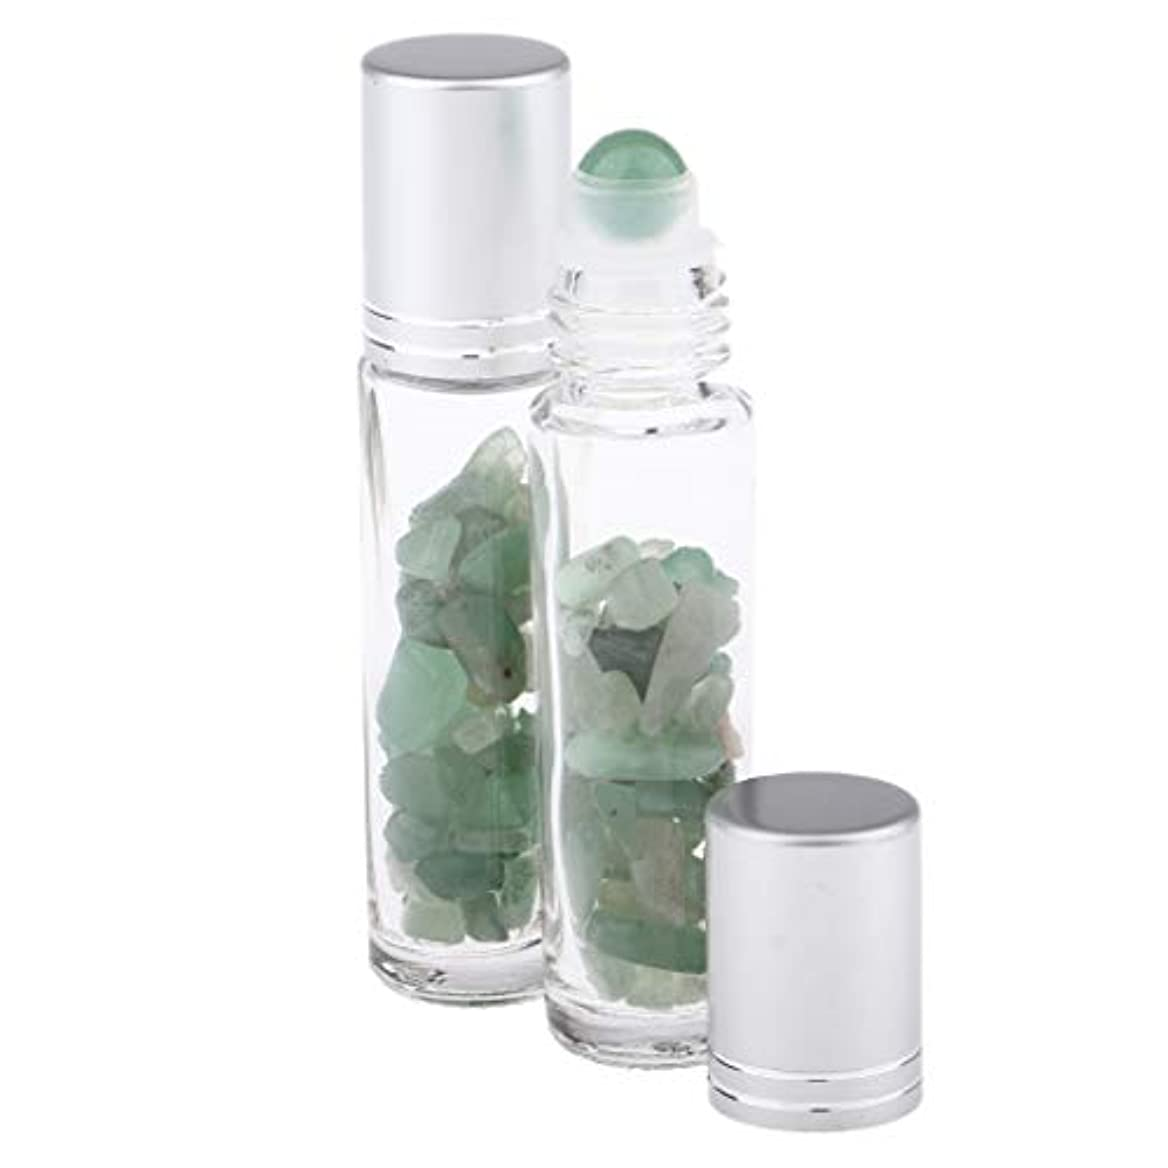 もっと拍手パンフレット10ML ガラスボトル ロールオンボトル 天然石 香水ボトル 精油瓶 アトマイザー 詰替え 2個 - グリーンアベンチュリン